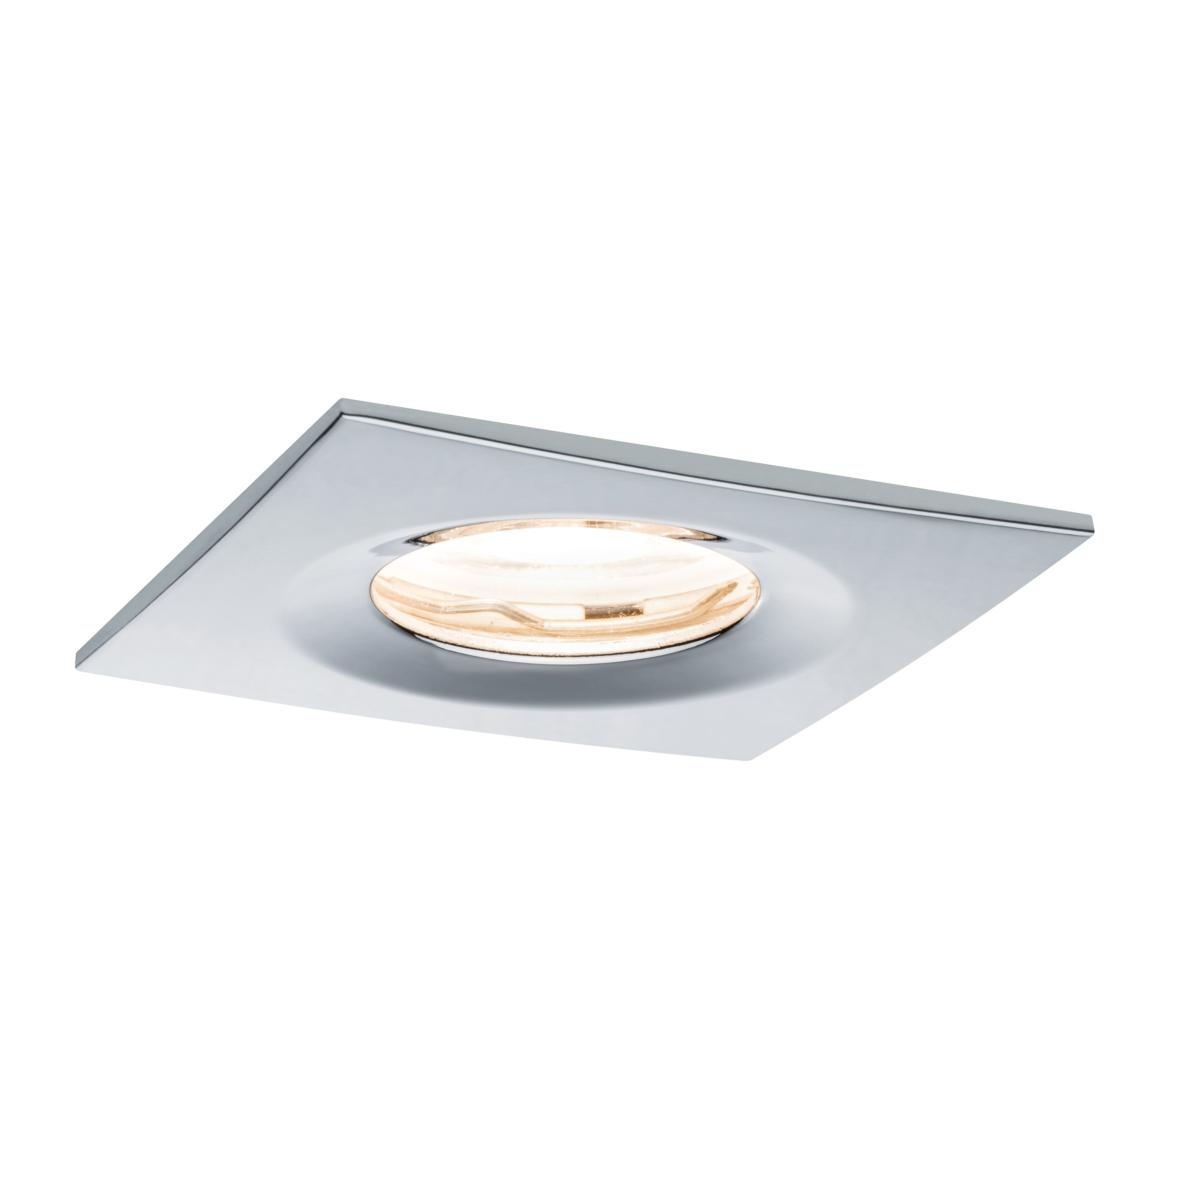 spot led ip65 encastrable dimmable chrom carr 7w 230v. Black Bedroom Furniture Sets. Home Design Ideas